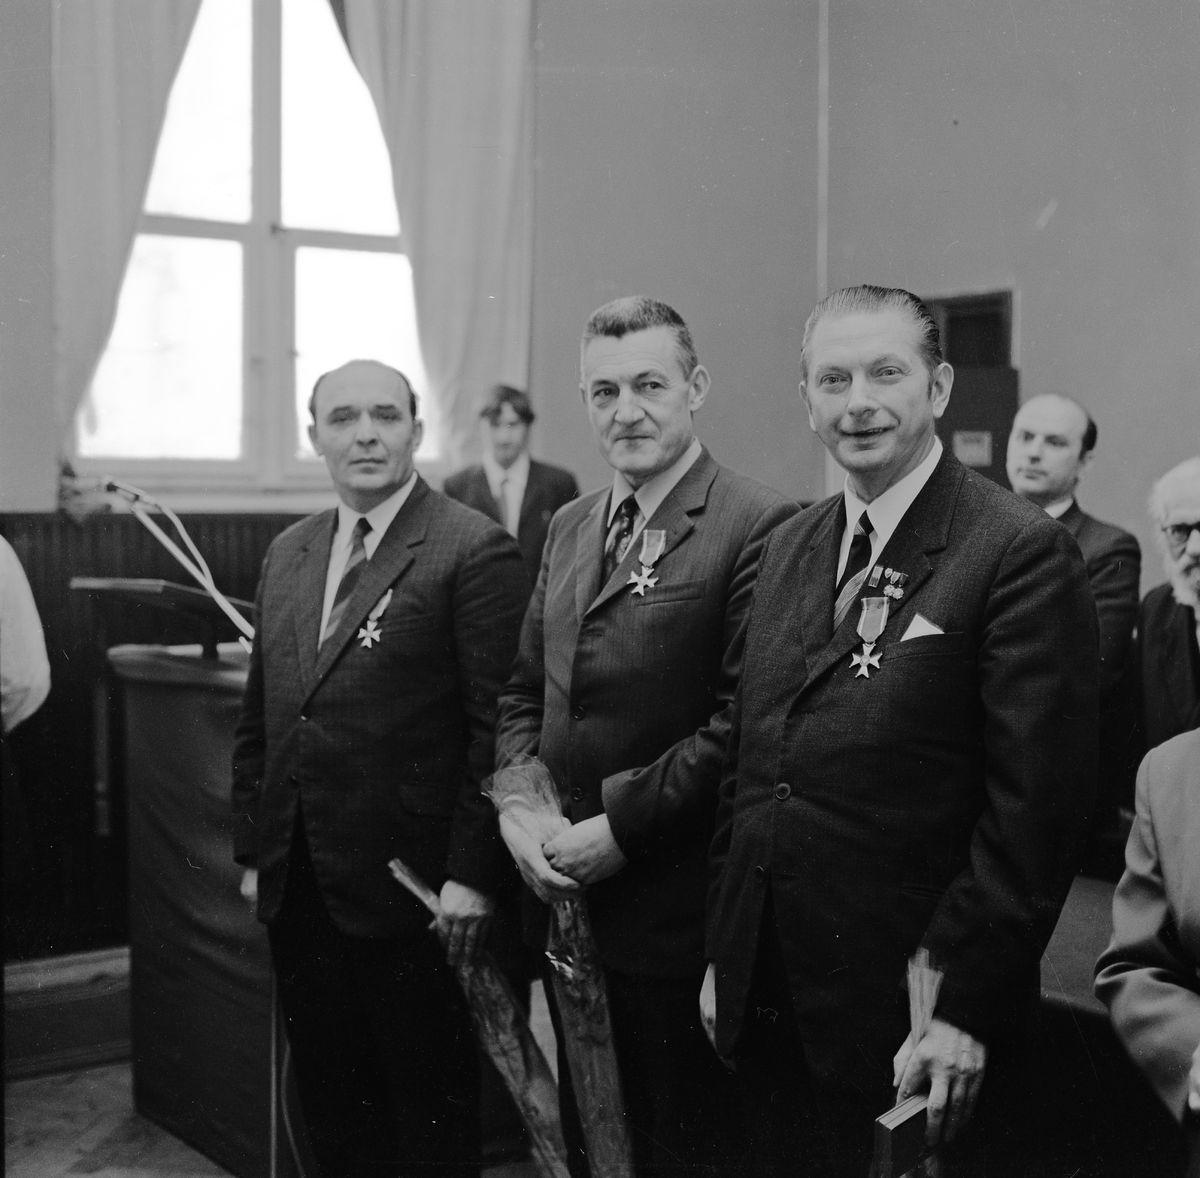 Obchody 30-lecia PPR w PDK, 1972 r. [7]